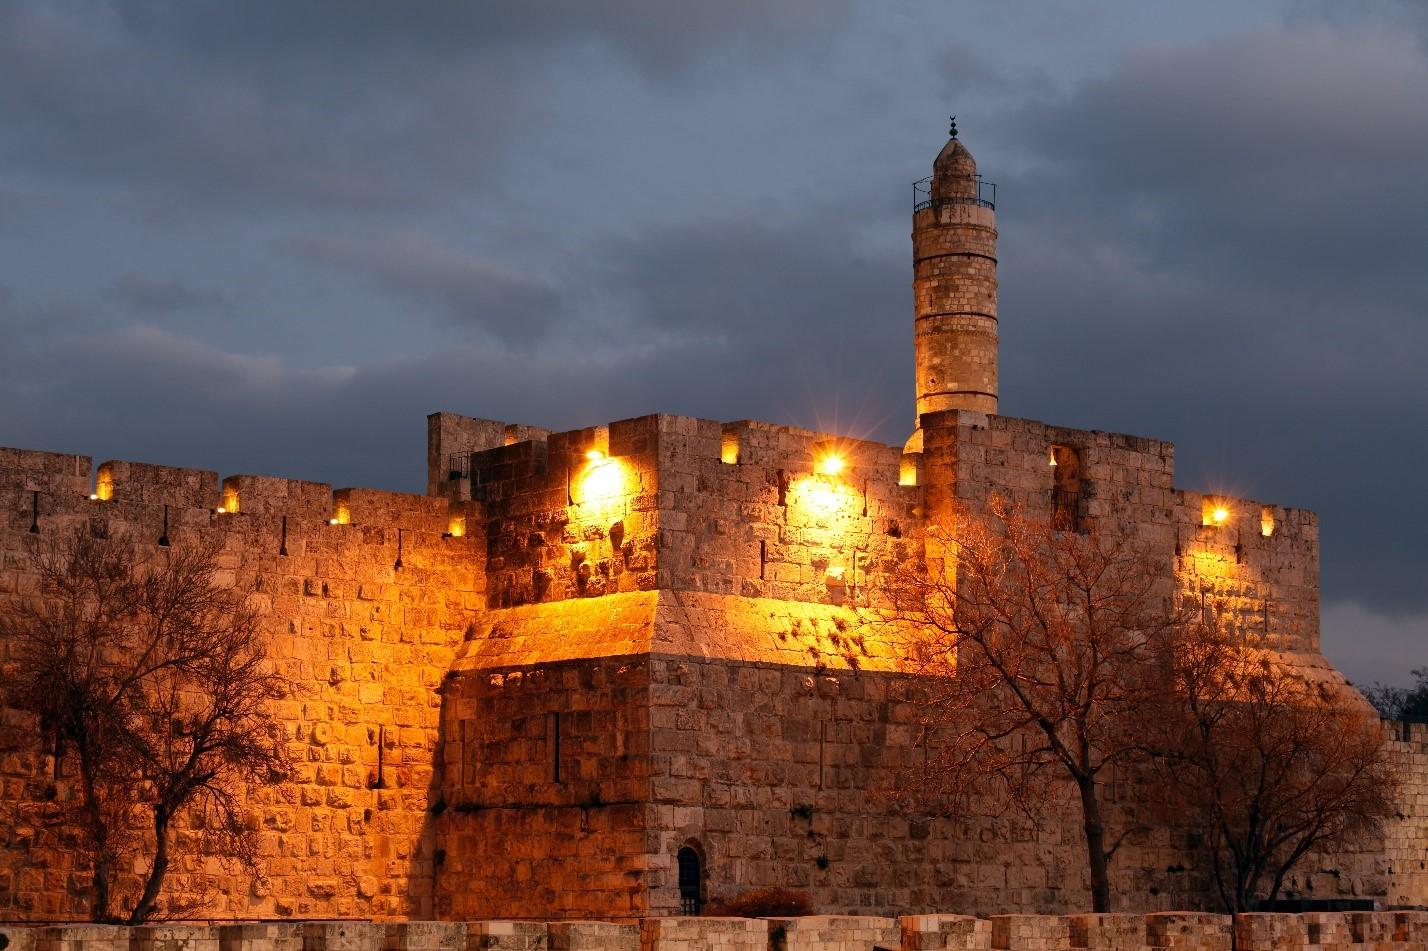 以色列耶路撒冷一日遊(耶路撒冷[周二]酒店接送+中文導遊)